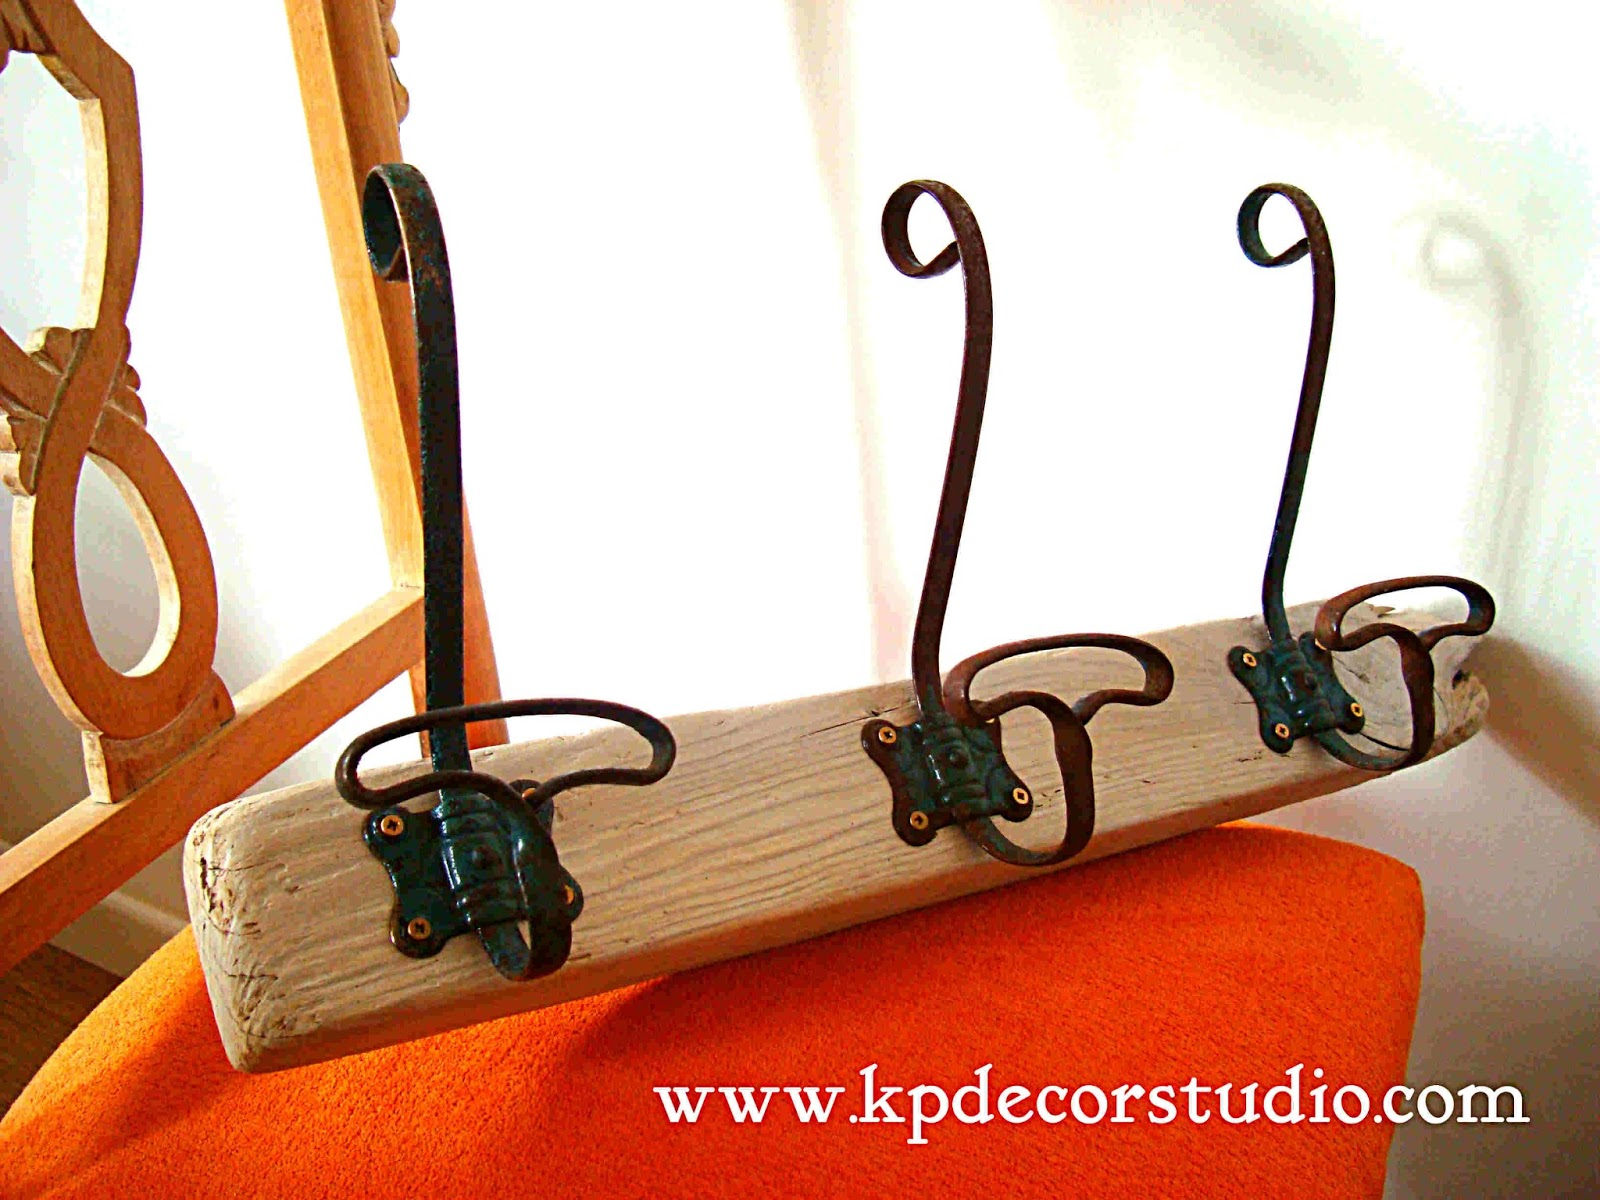 Kp tienda vintage online perchero artesanal de madera con - Perchas pared originales ...